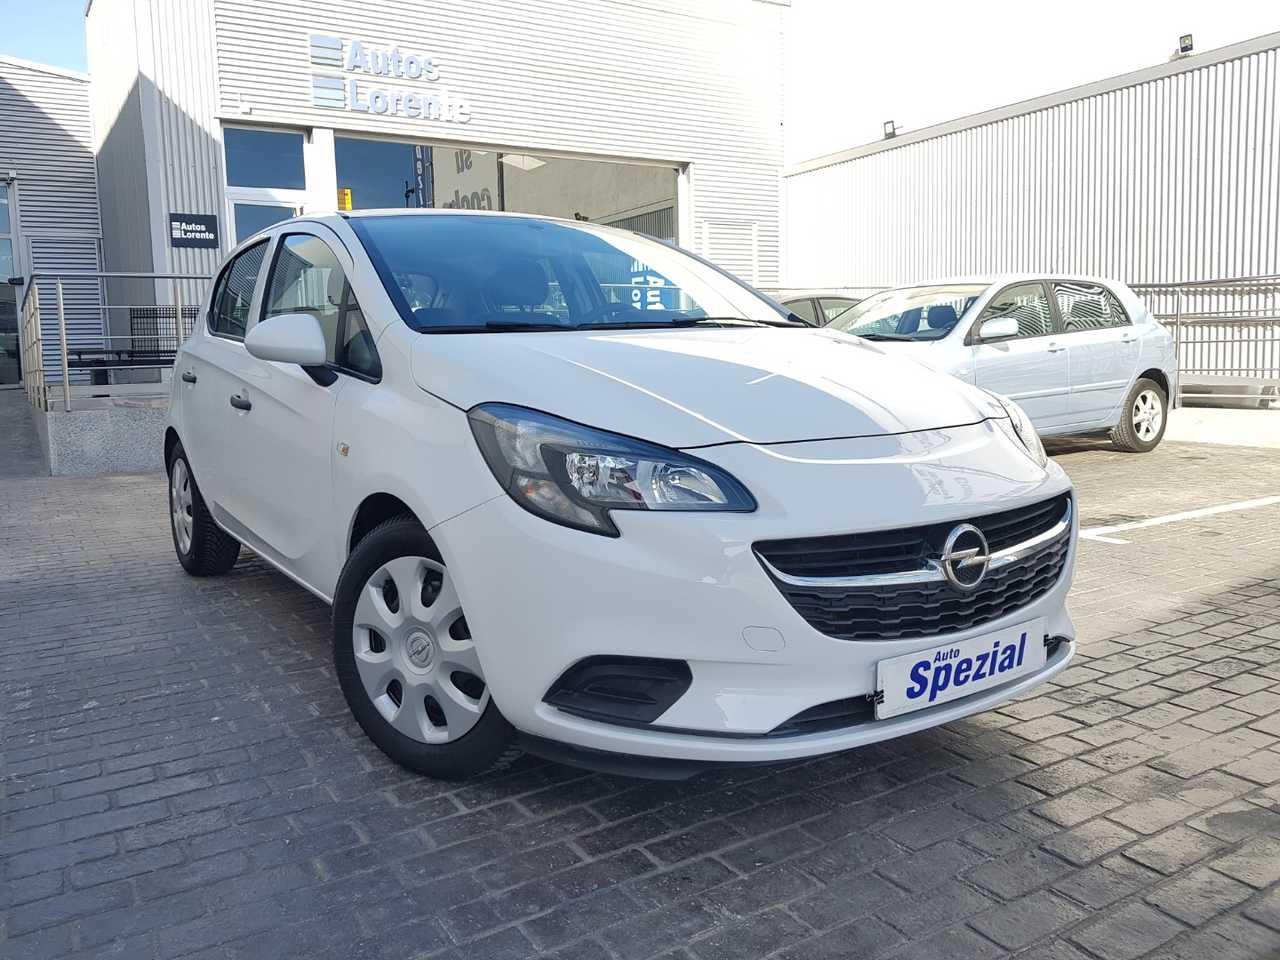 Opel Corsa 1.3 CDTI 75 CV   - Foto 1